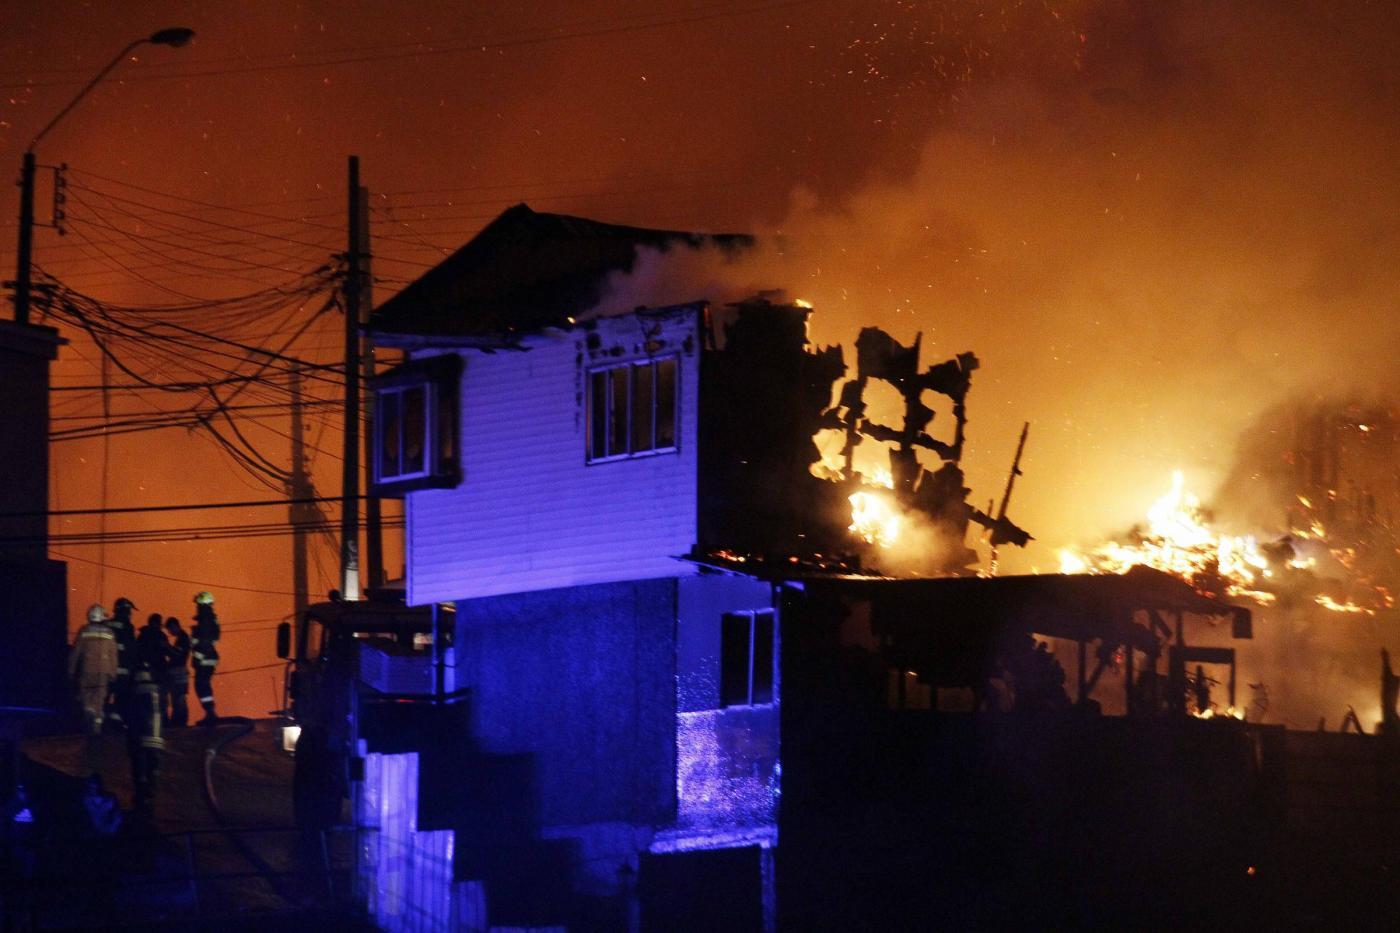 Cile, spaventoso incendio a Valparaiso: decine di morti e migliaia di sfollati